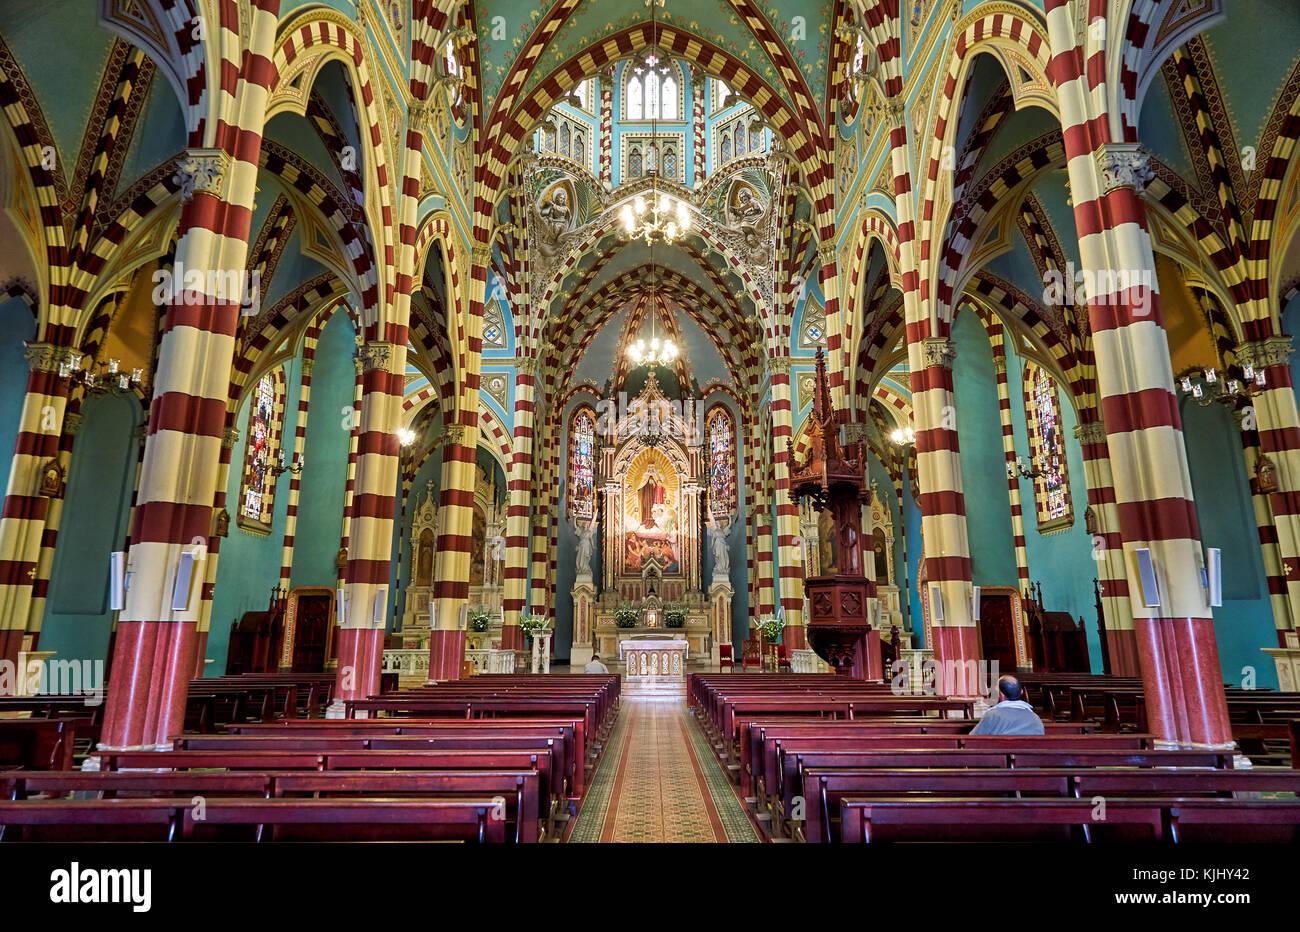 Interior shot de la iglesia santuario de Nuestra Señora del Carmen, en Bogotá, Colombia, Sur America Imagen De Stock